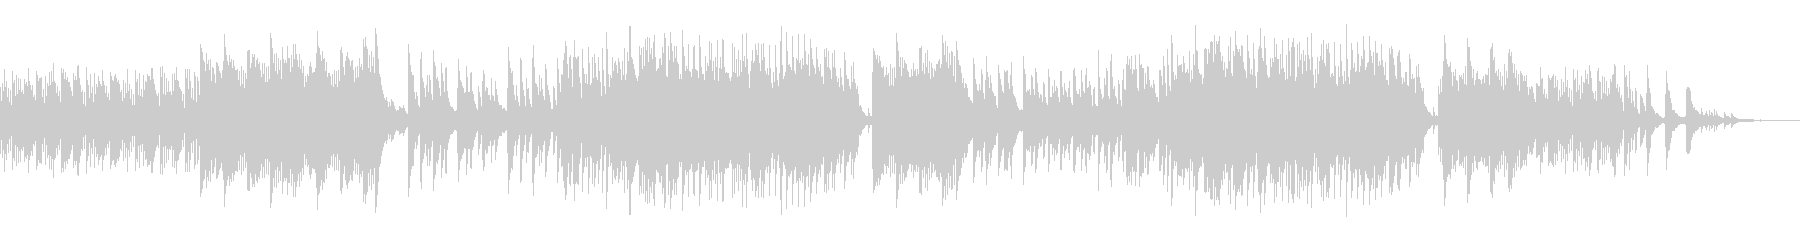 ピアノソロ ピアノバラード 4分の3拍子の未再生の波形